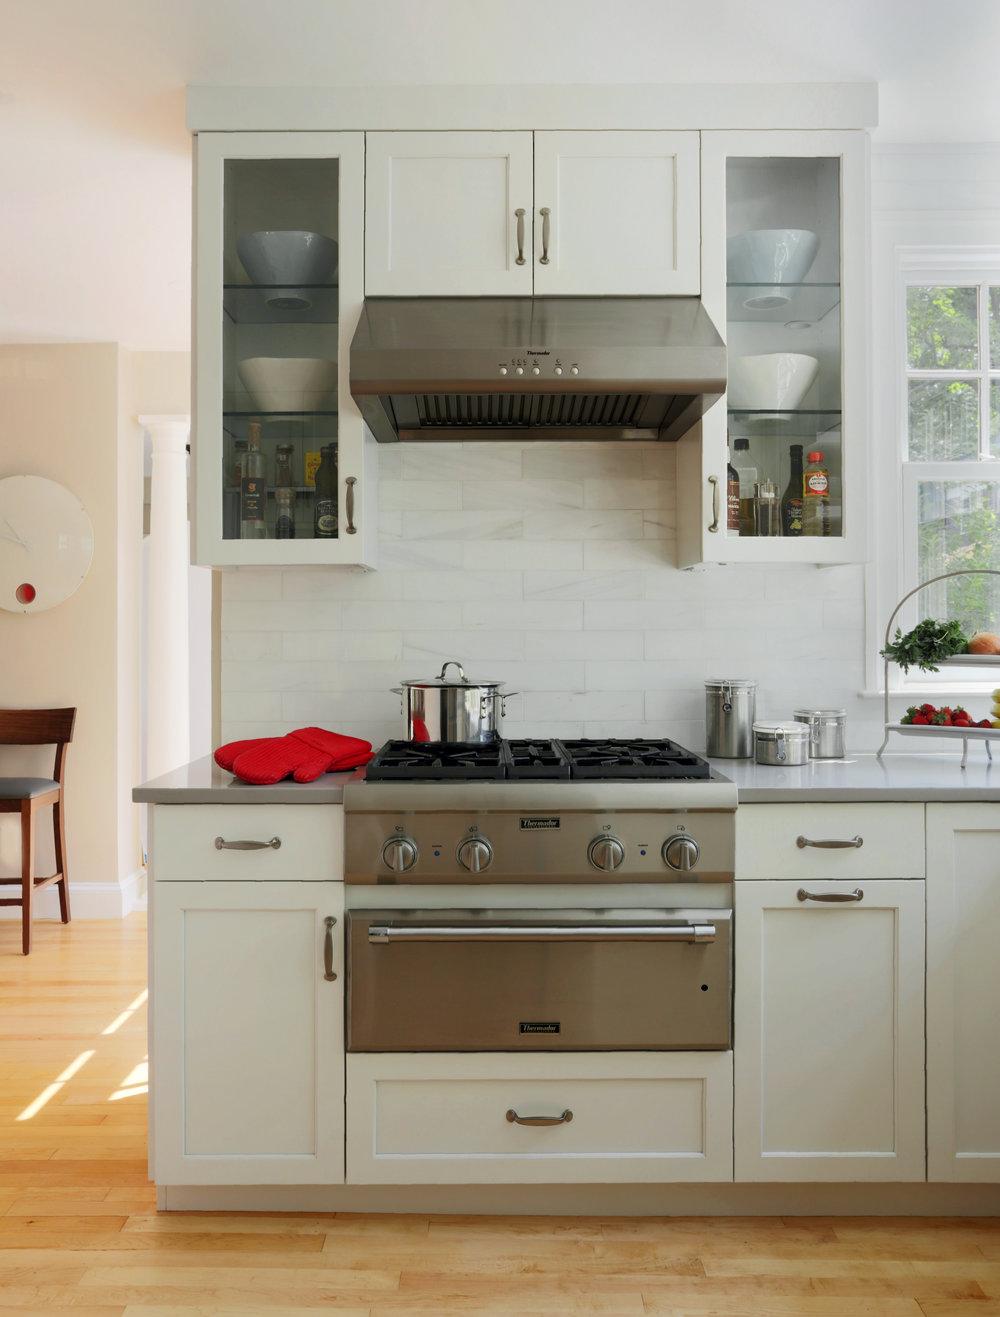 Jeff Swanson 6 14 kitchen 5.jpg